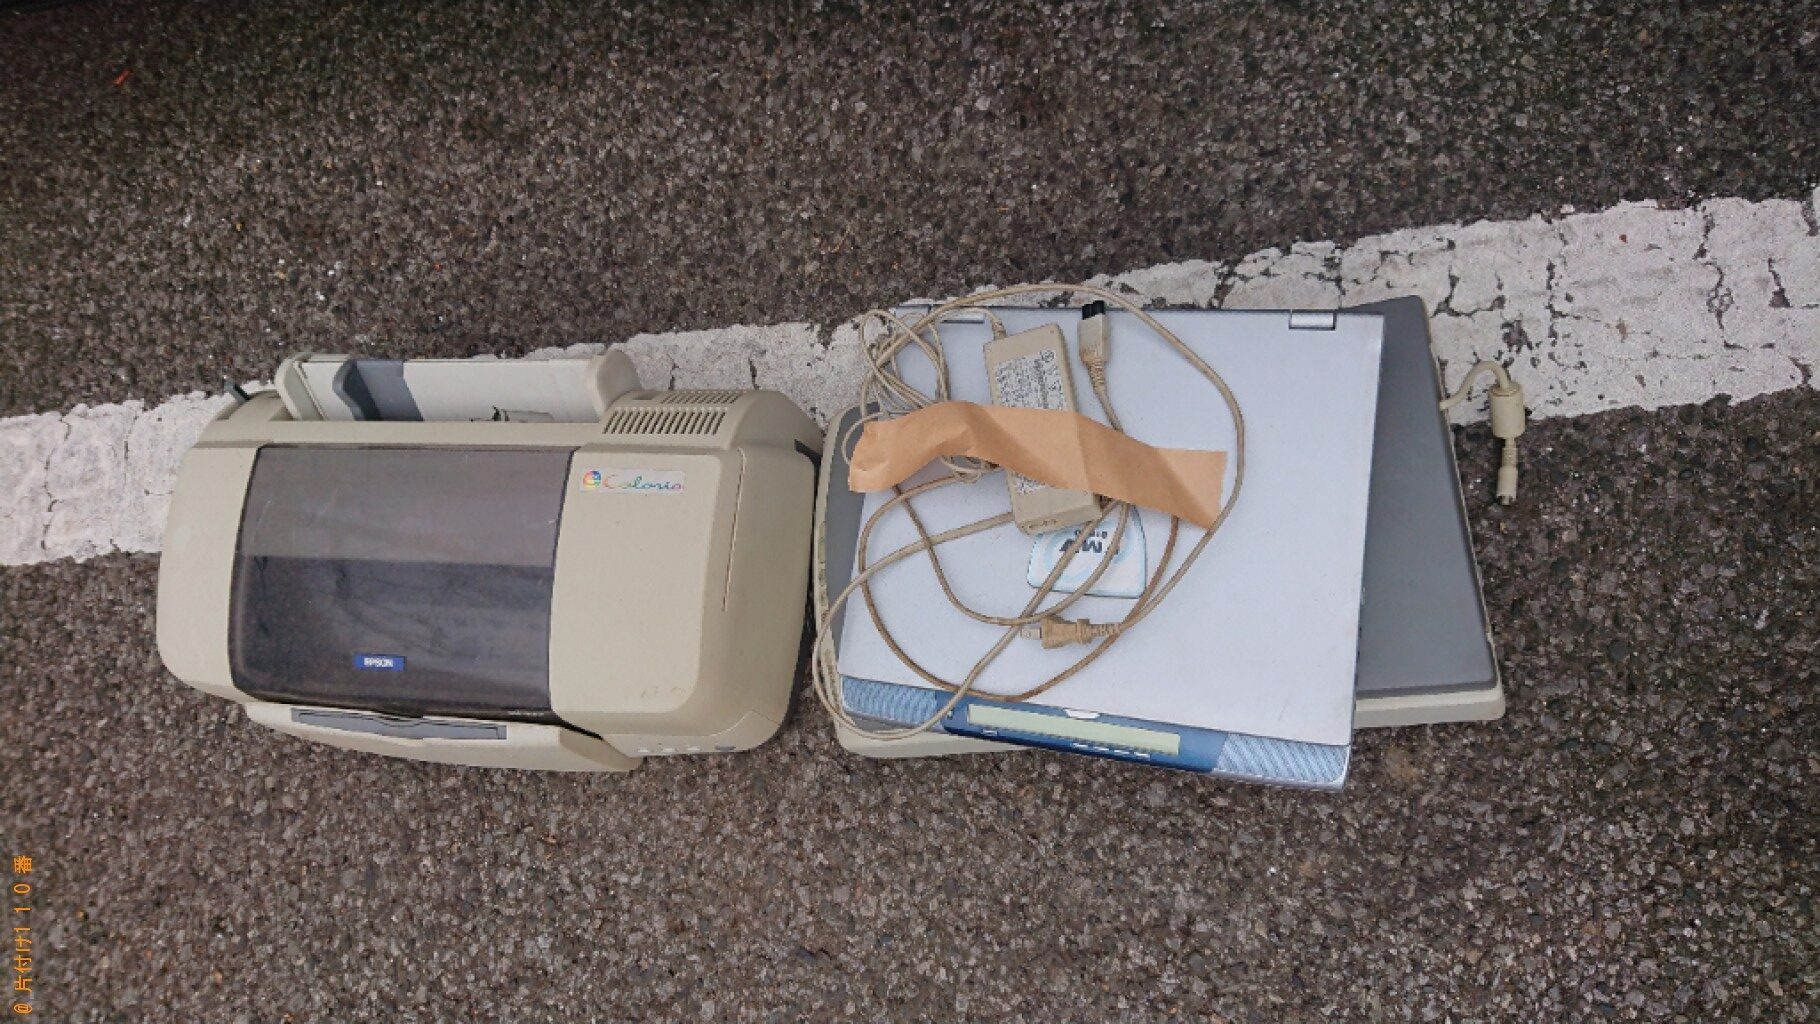 【盛岡市】パソコン、プリンタ―の回収・処分ご依頼 お客様の声